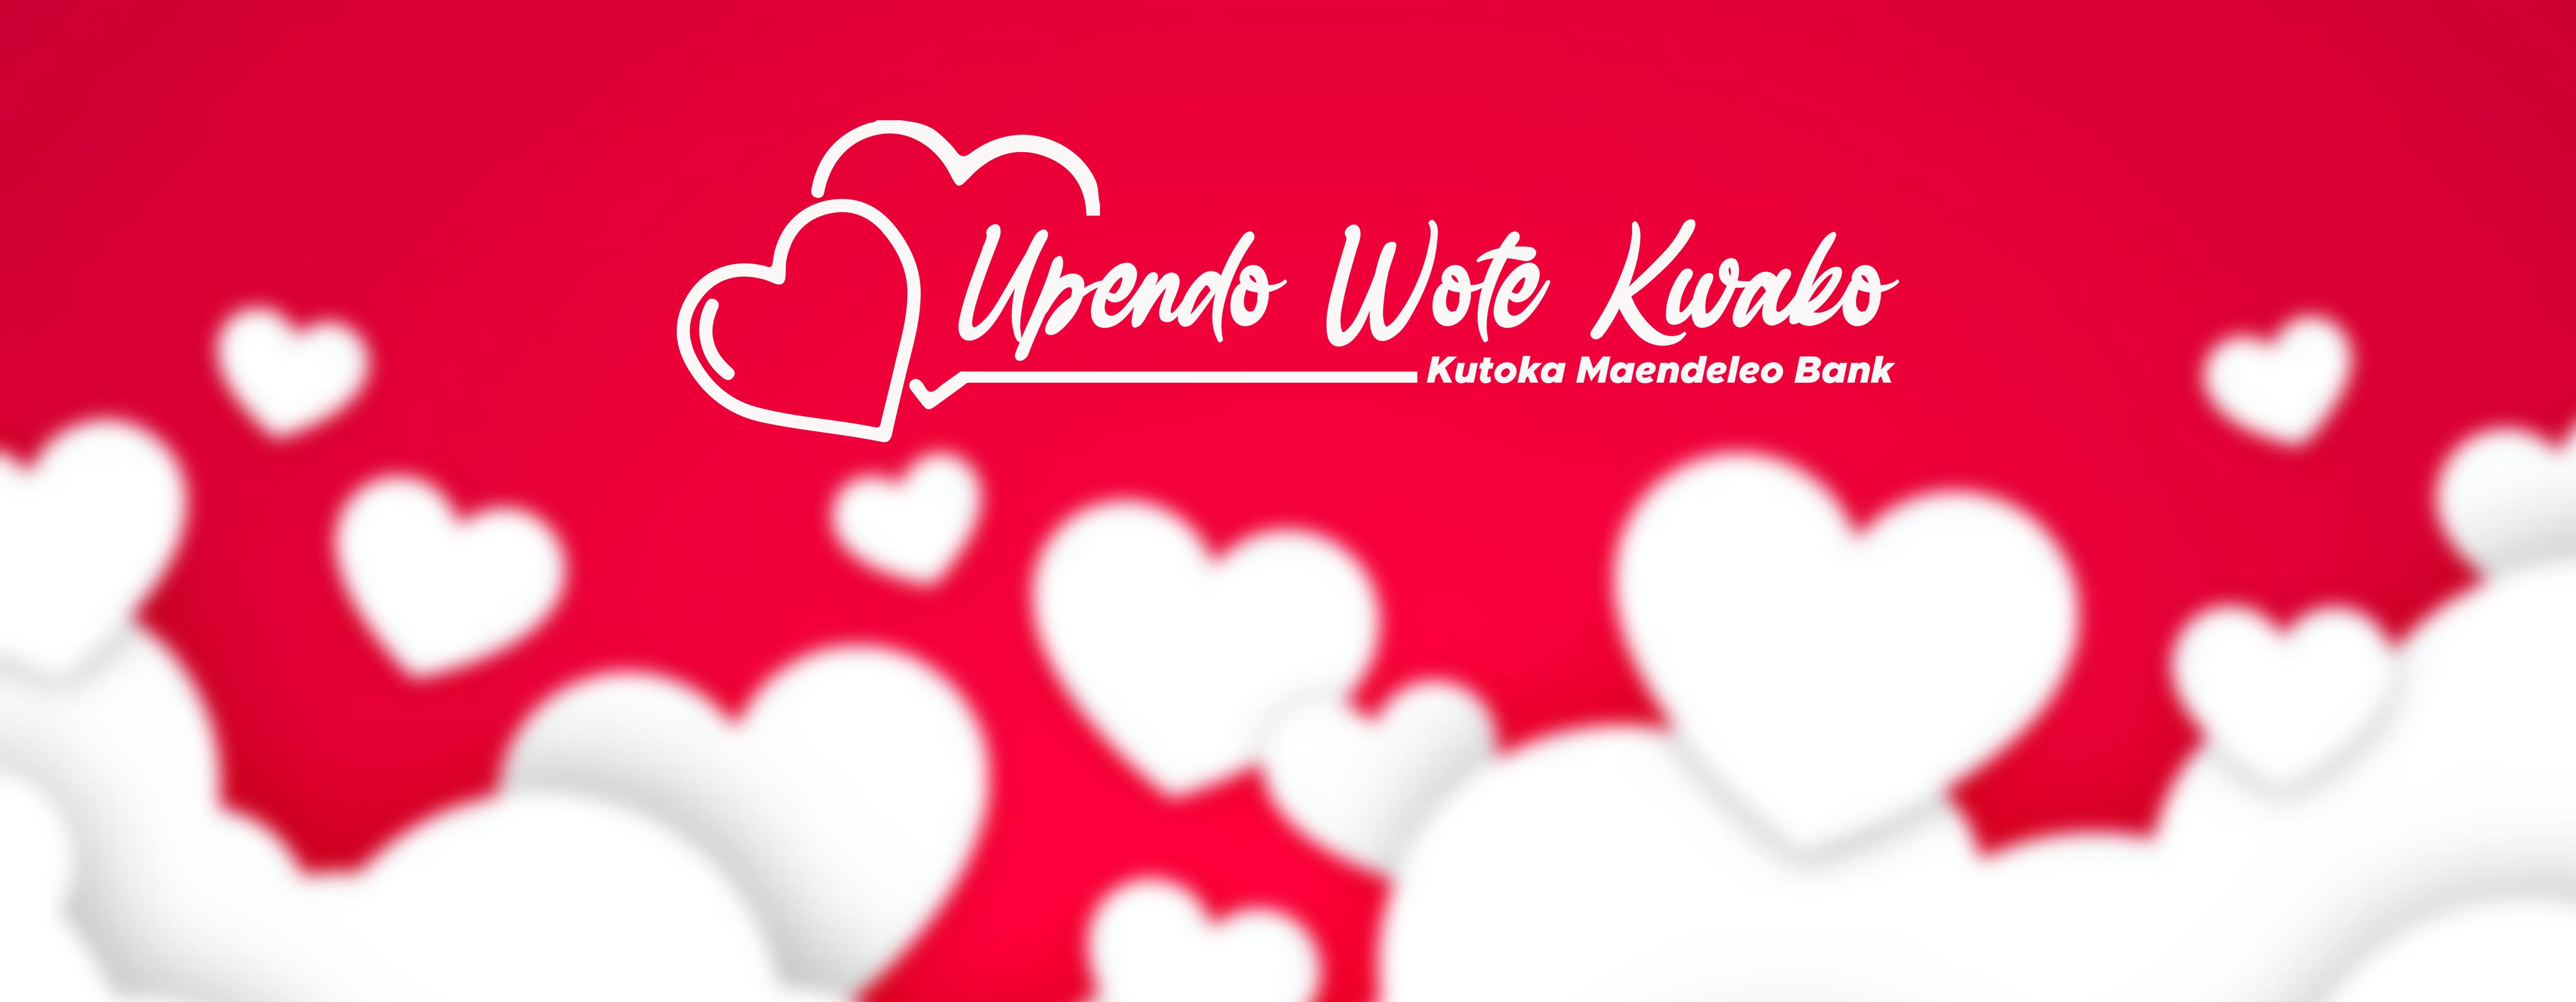 Upendo Wote Kwako